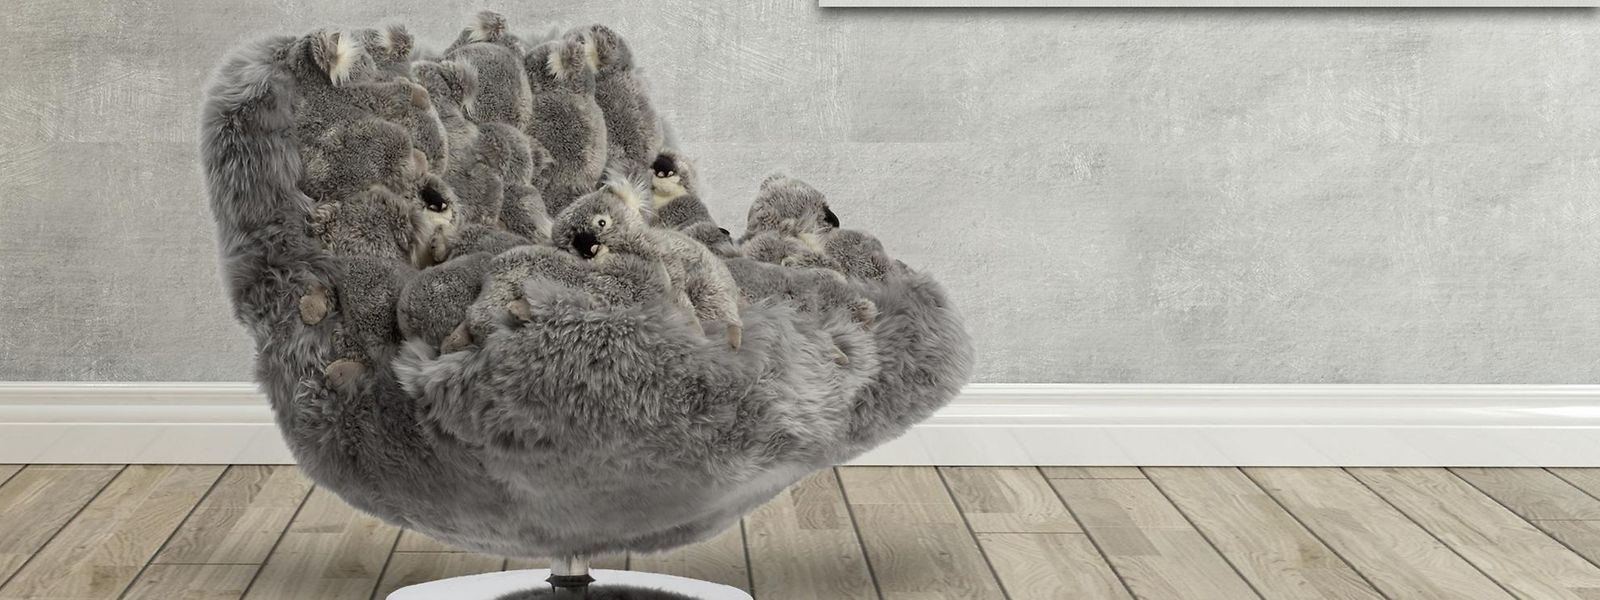 Viele kuschelige Koalabären aus Plüsch bilden die Sitzfläche des Sessels von APcollection.